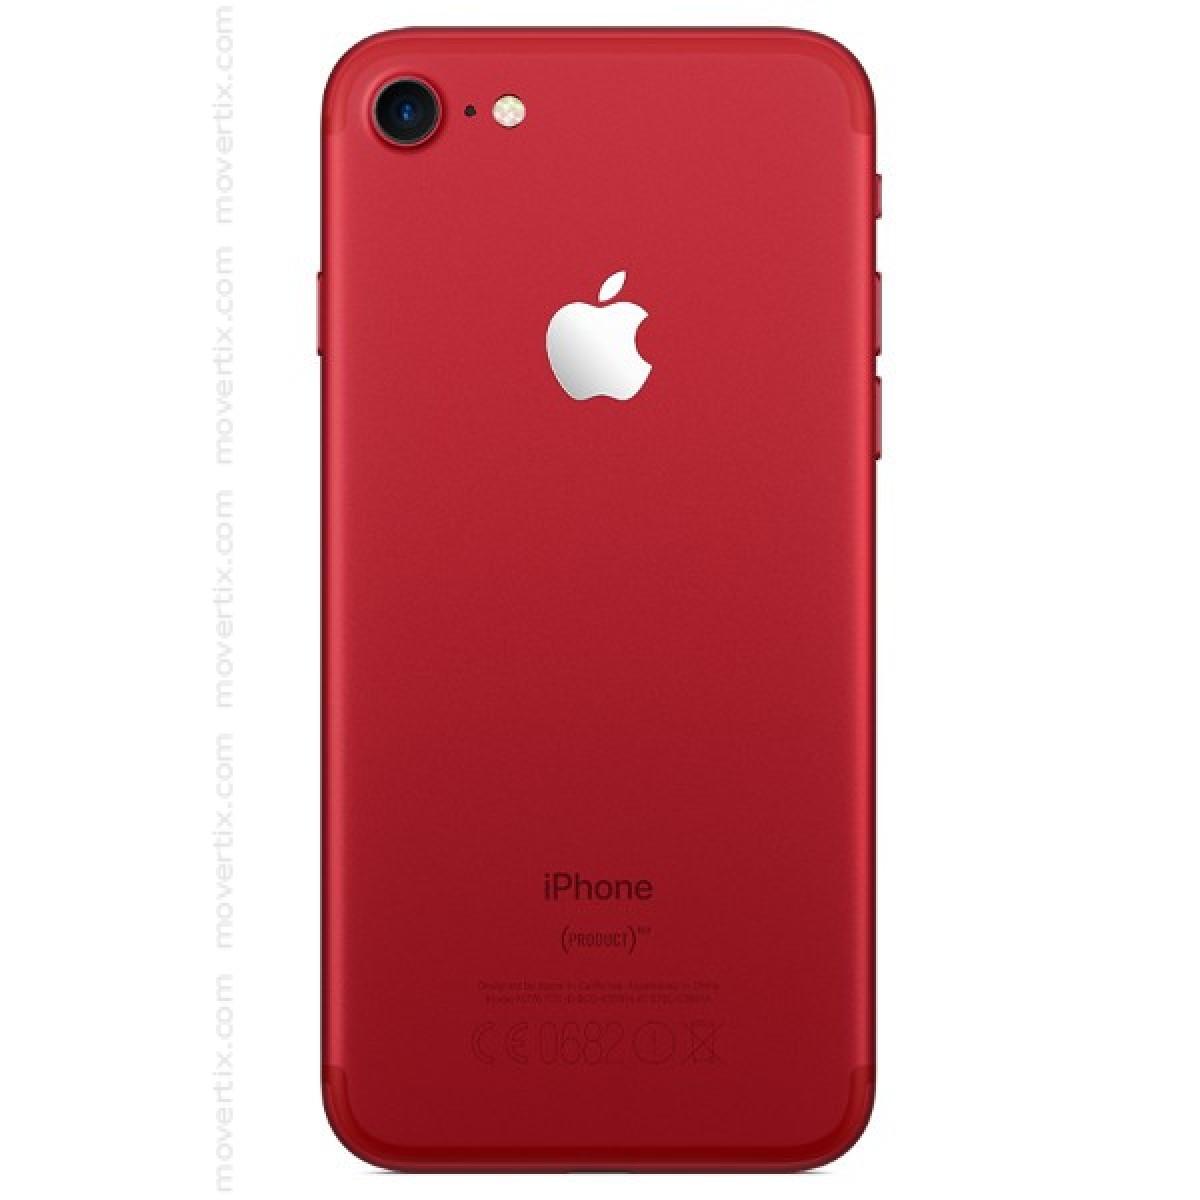 precio iphone 6 en tienda apple